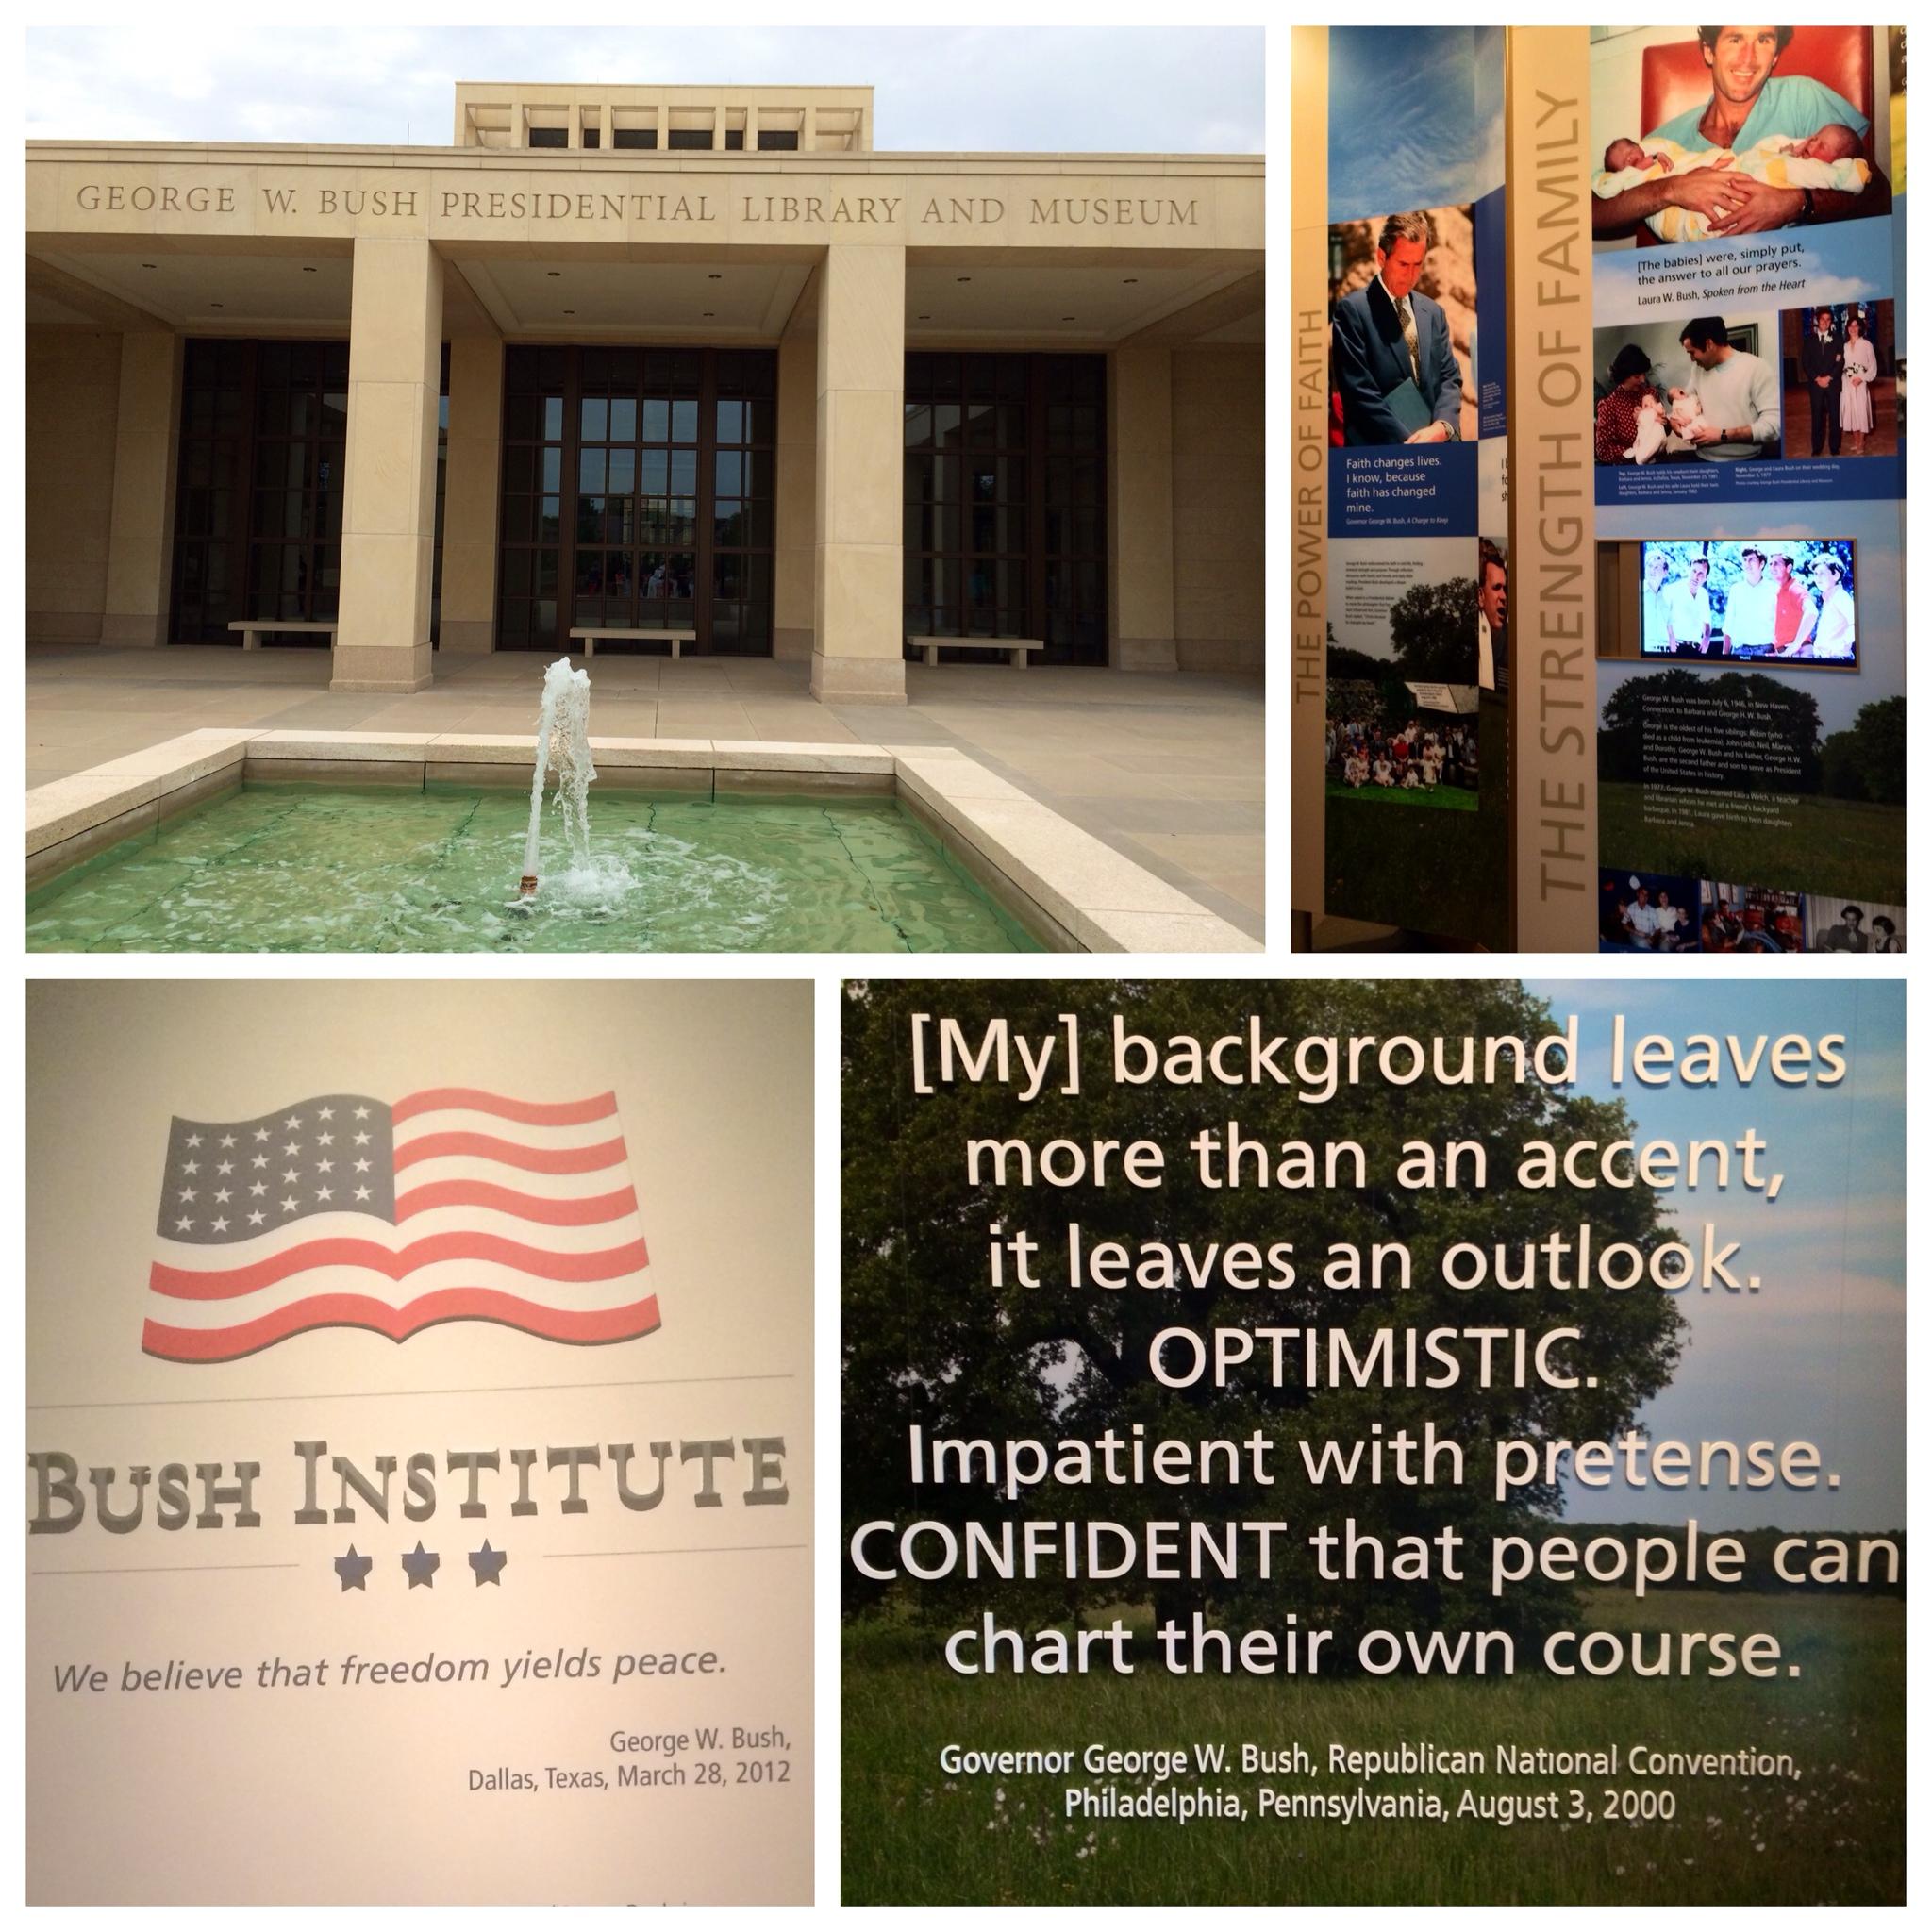 bush insitute summer of presidents hertz neverlost blog  at reclaimingppi.co